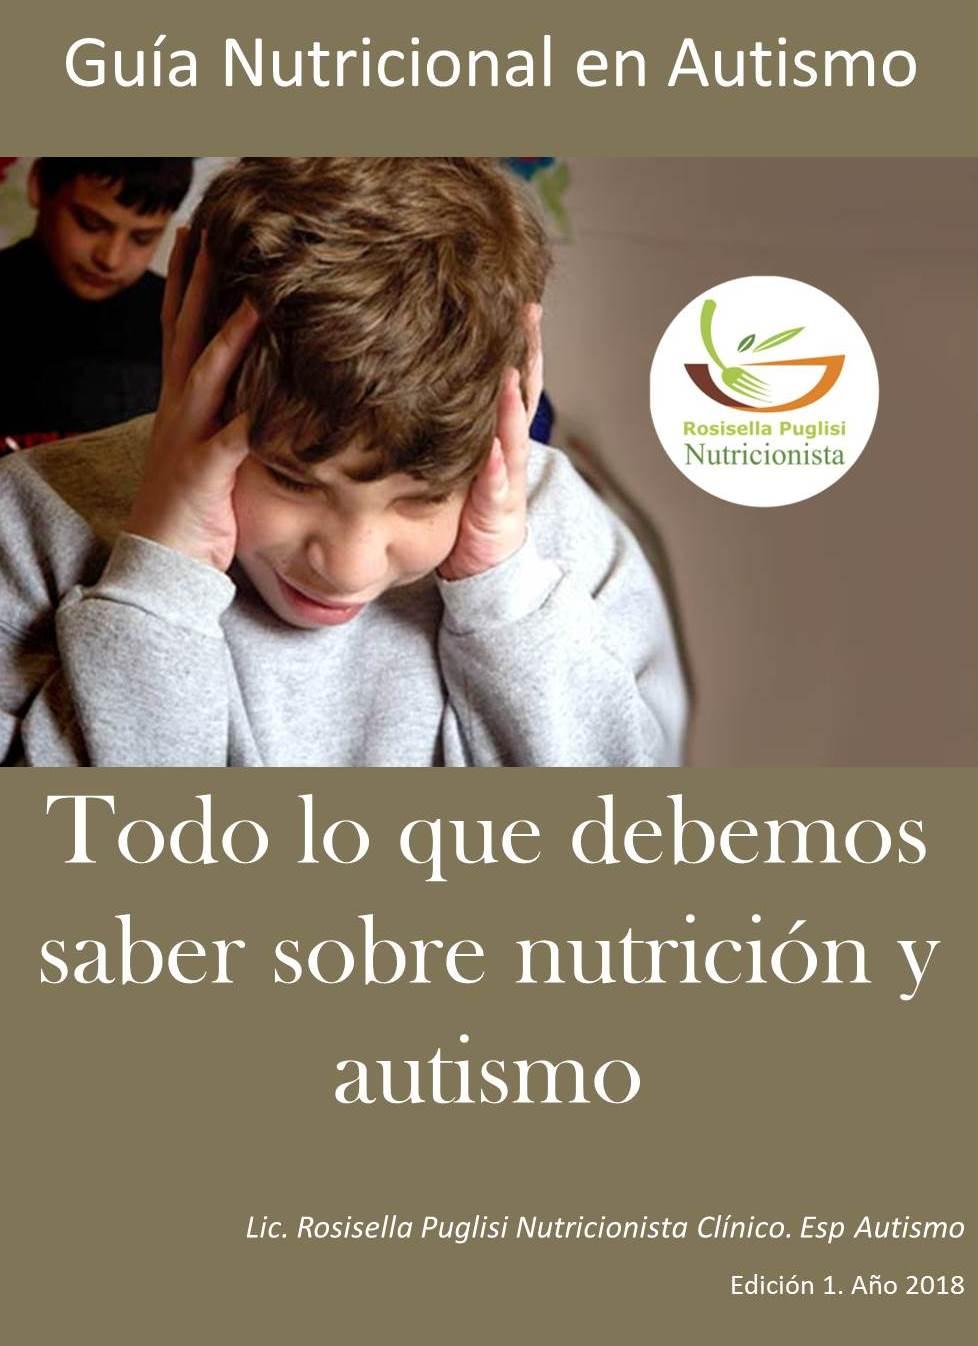 Ebook: 'Guía Nutricional en Autismo. Todo lo que debemos saber sobre nutrición y autismo'.